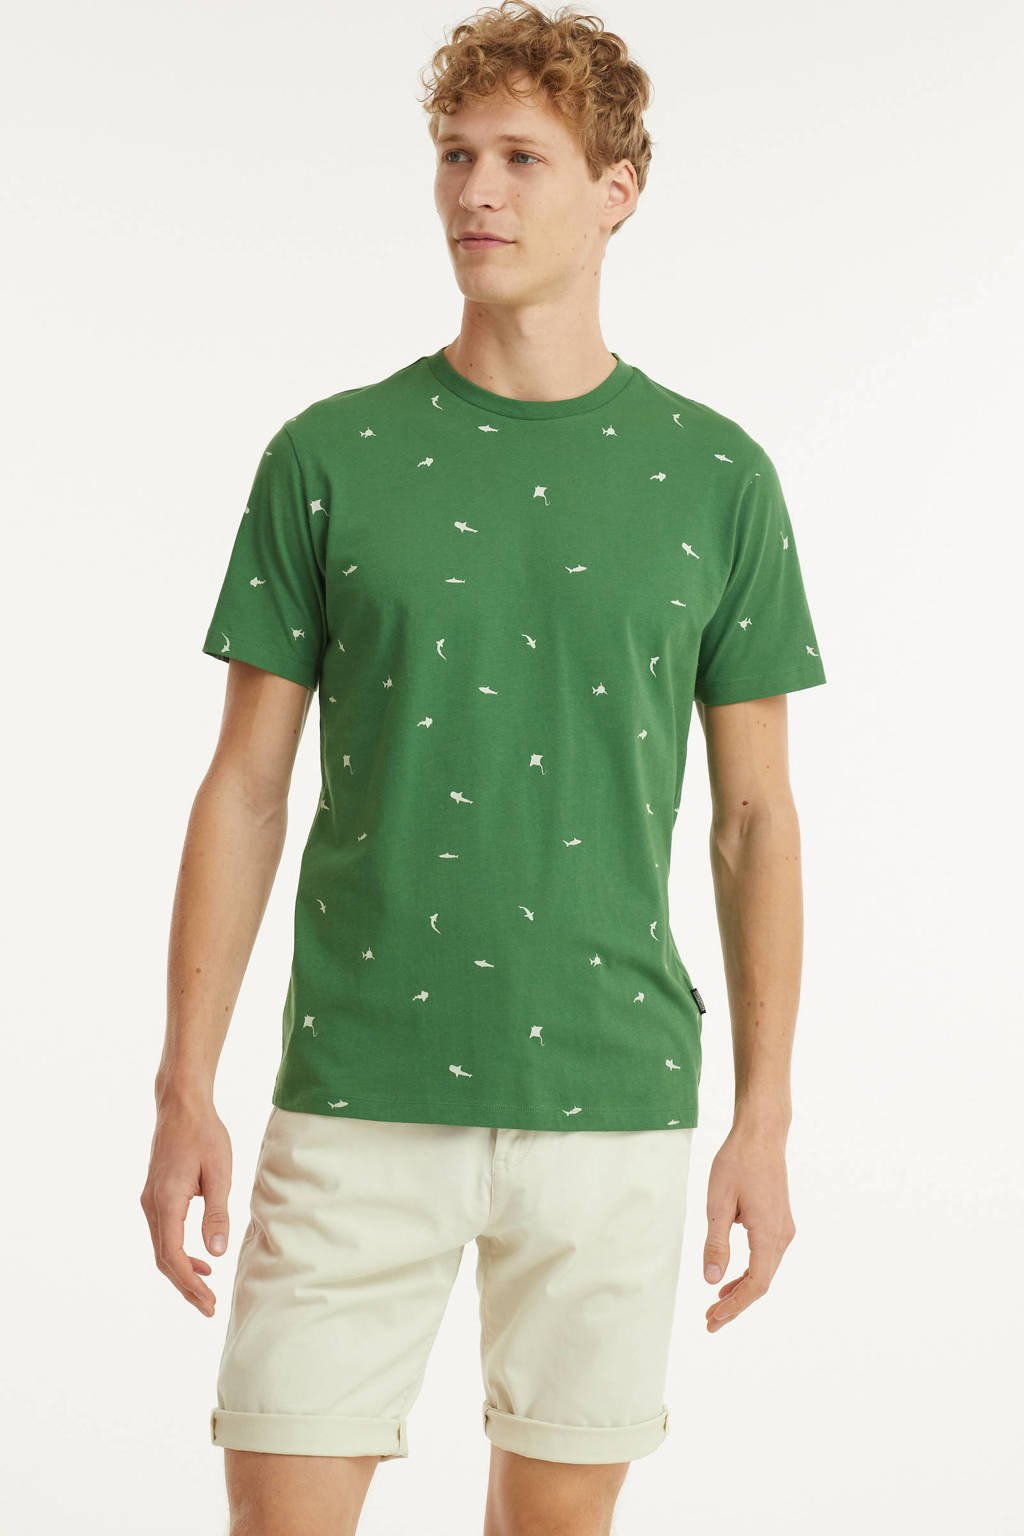 Kultivate T-shirt TS SHARKTANK van biologisch katoen vineyard greenr, Groen